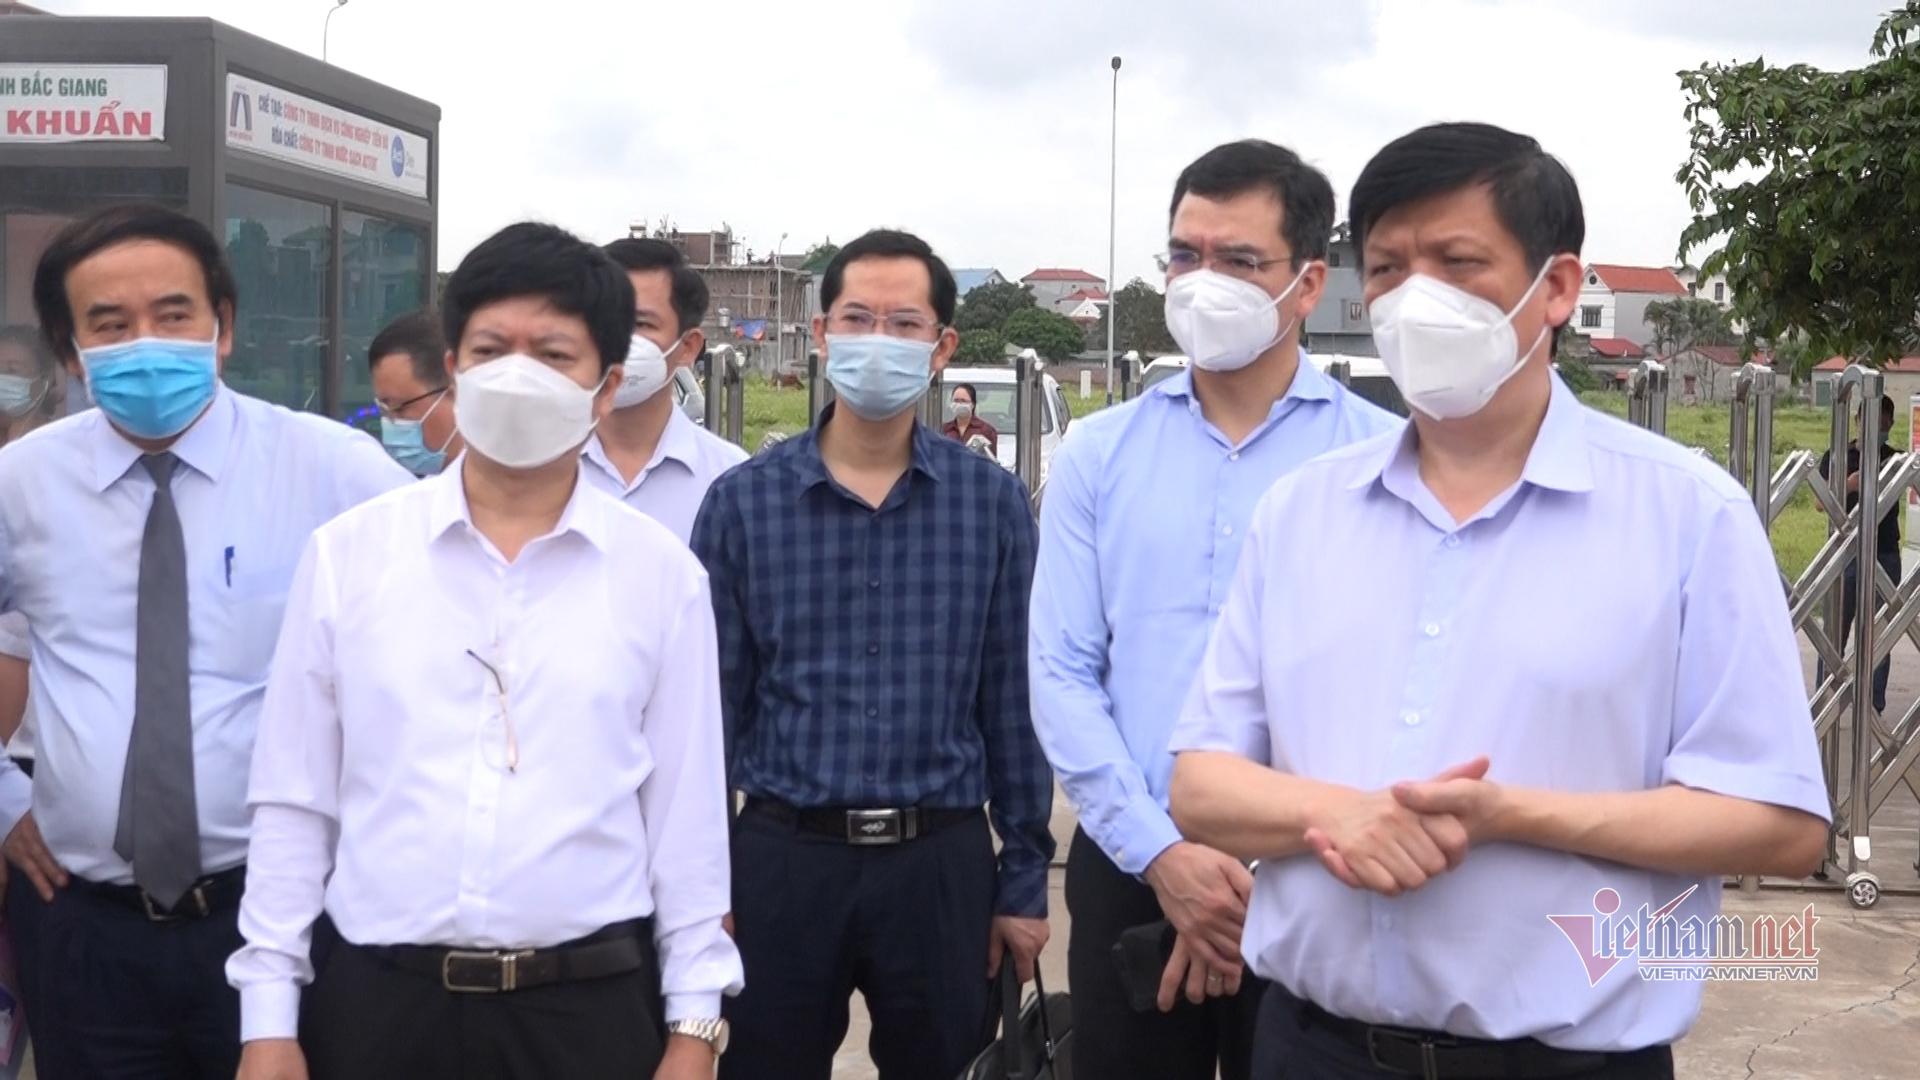 Bộ Y tế sẽ hỗ trợ Bắc Giang điều trị tại chỗ các ca bệnh Covid-19 nặng